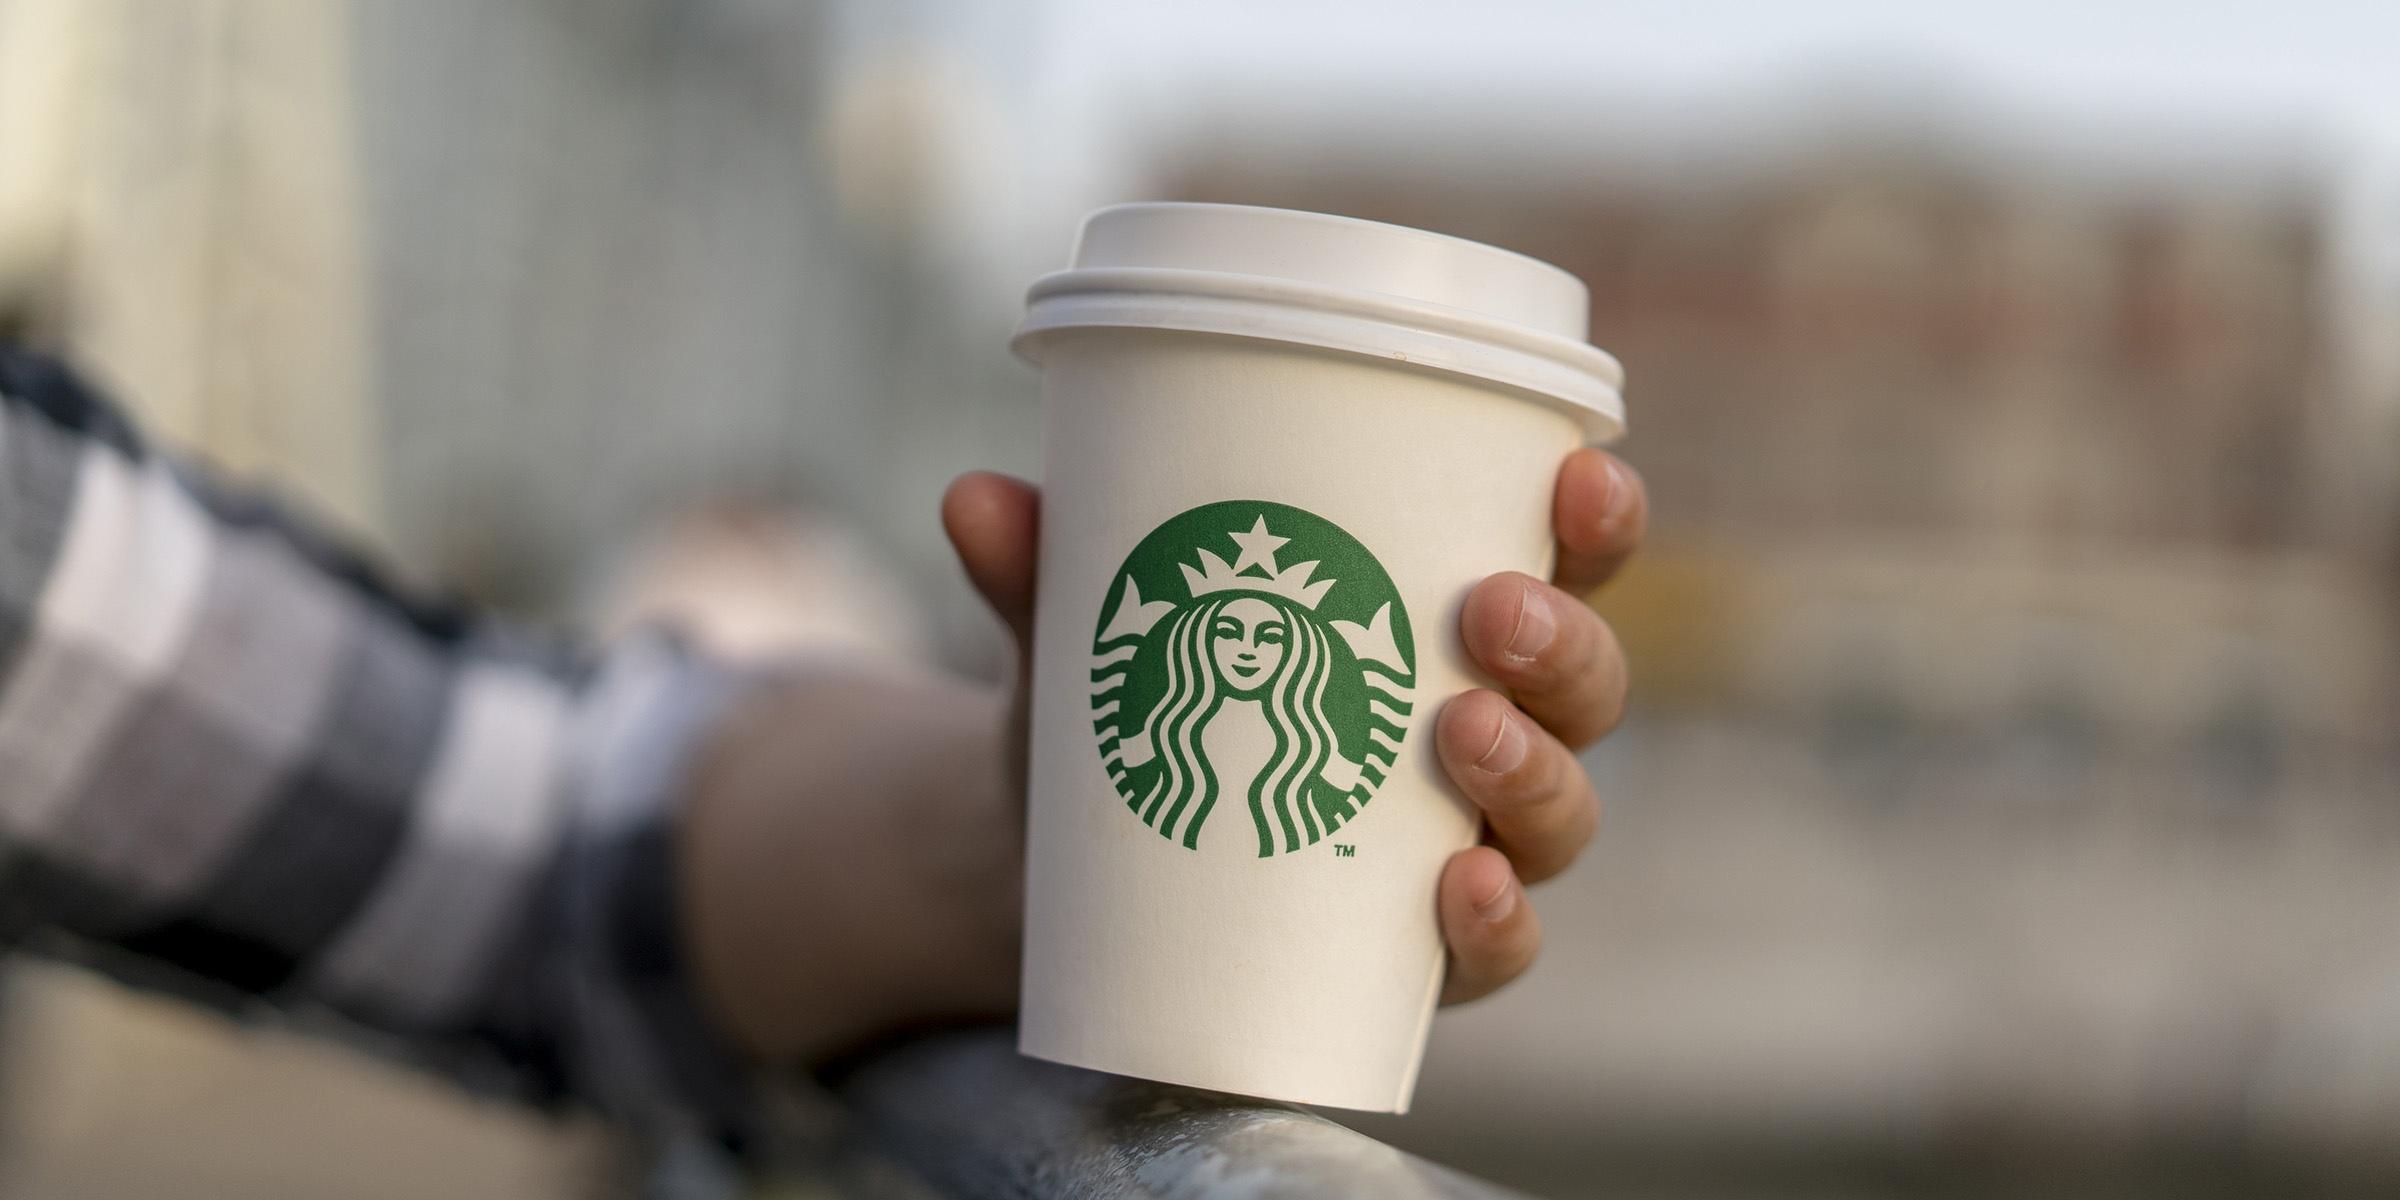 Starbucks - операционная деятельность трещит по швам